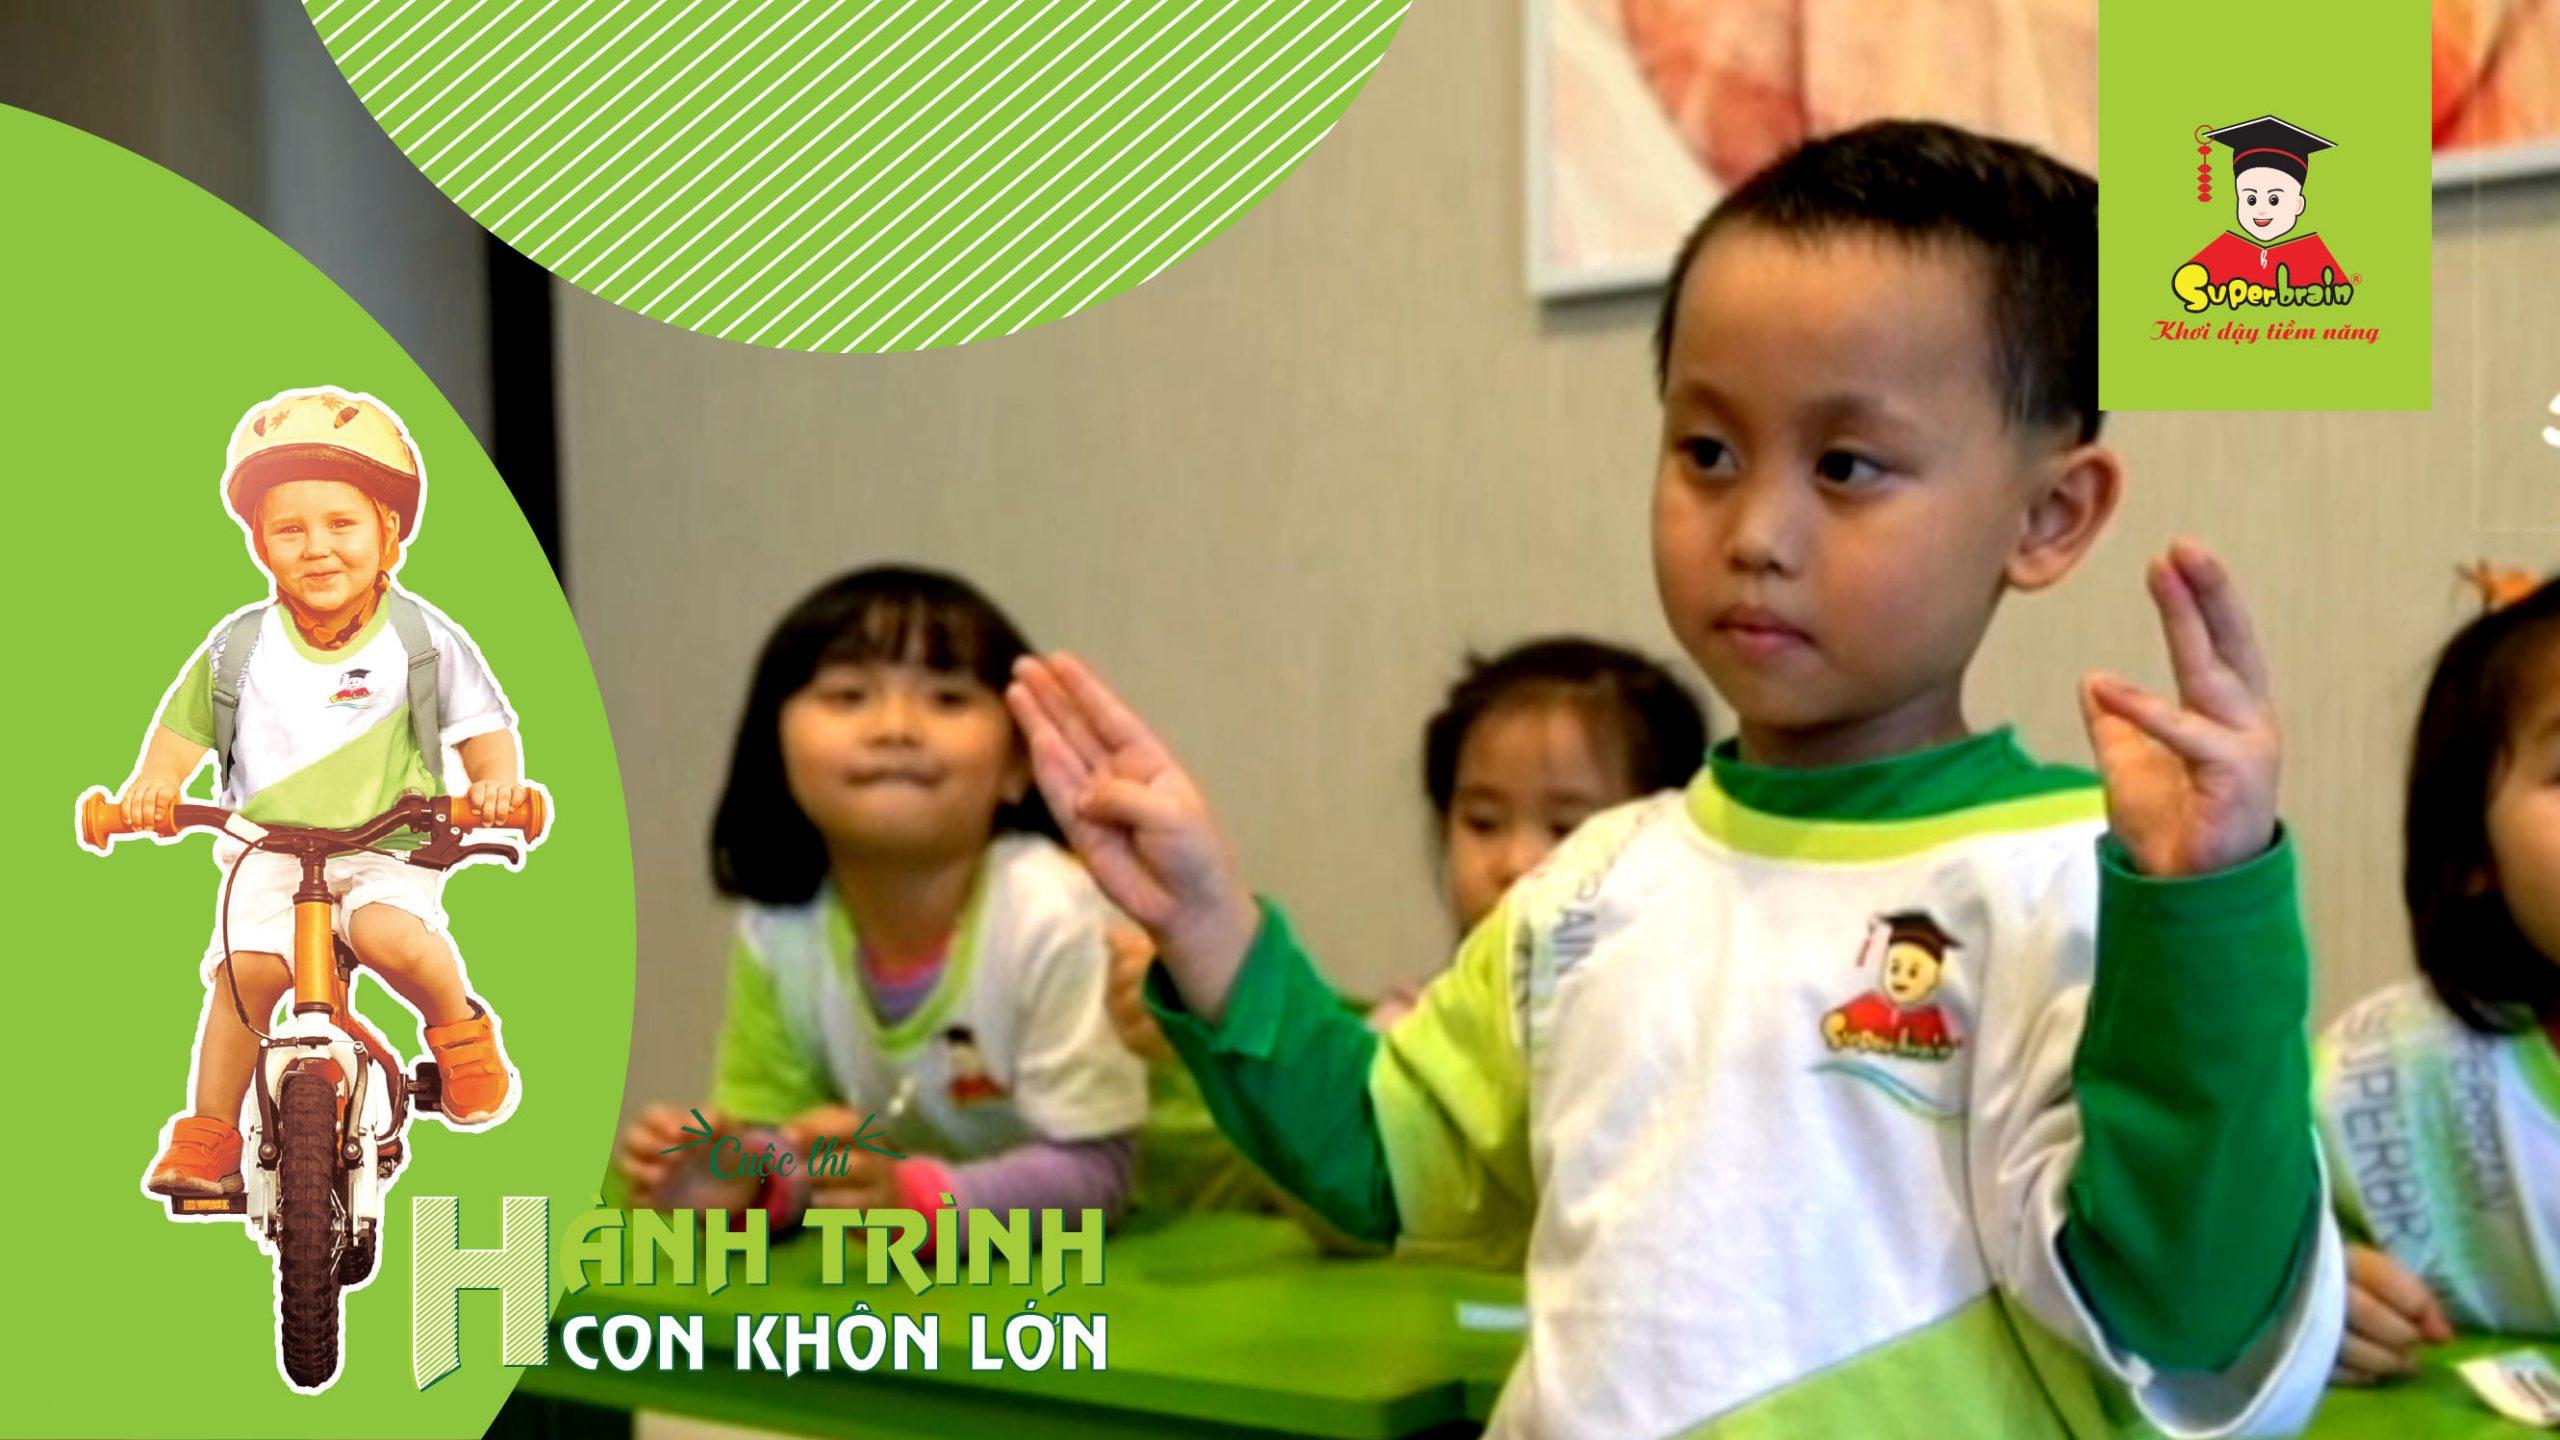 HÀNH TRÌNH CON KHÔN LỚN - SUPERBRAIN BA ĐÌNH - 002